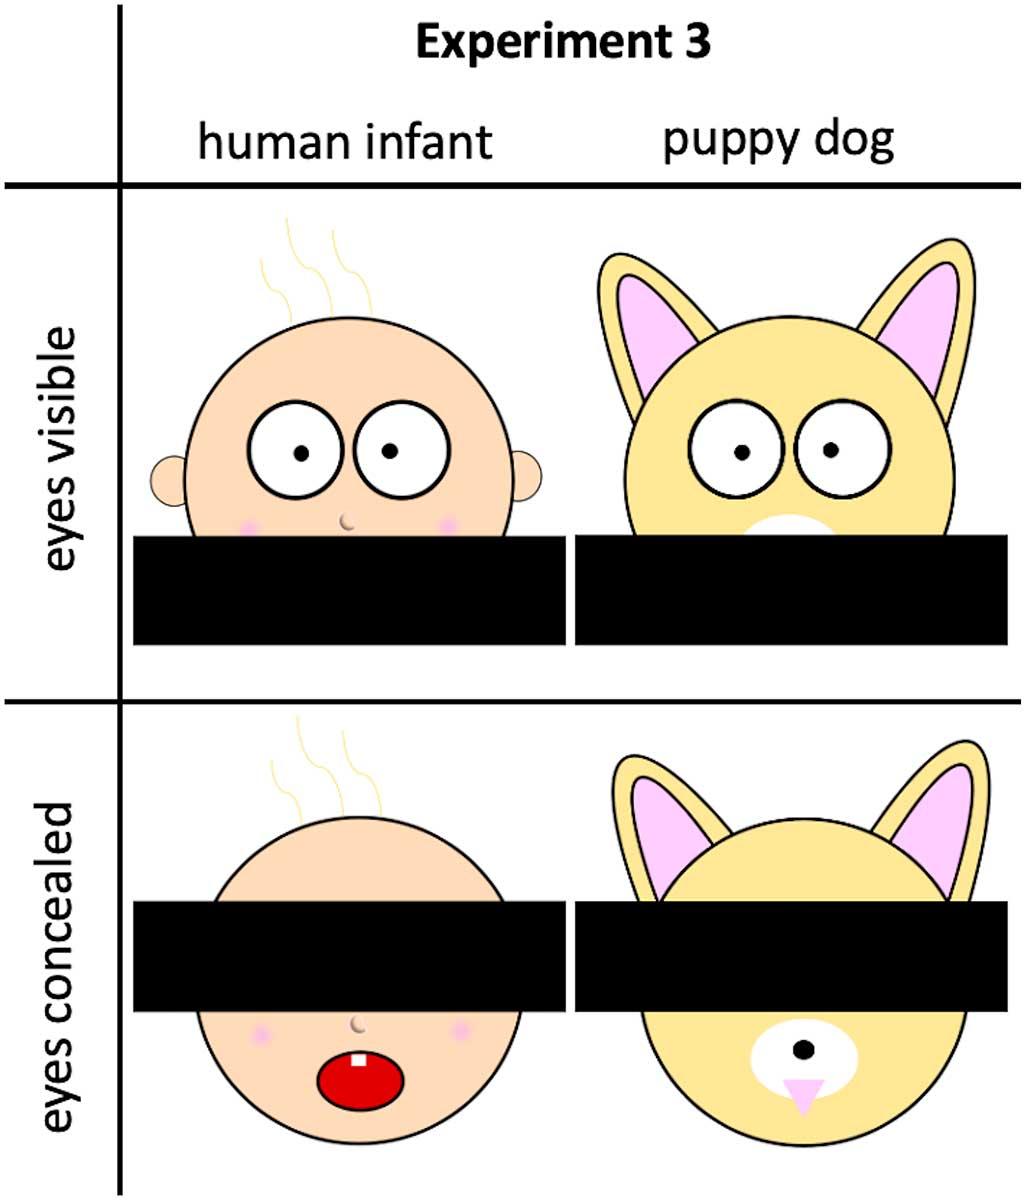 La percepción de los ojos de los bebés humanos o no humanos juega un papel importante en la orientación de las evaluaciones, este efecto puede reflejar información diagnóstica implícita en las propiedades físicas de los ojos; pero también es posible que los ojos pueden ser influyentes, porque la mirada puede proporcionar información sobre los estados mentales de los individuos.